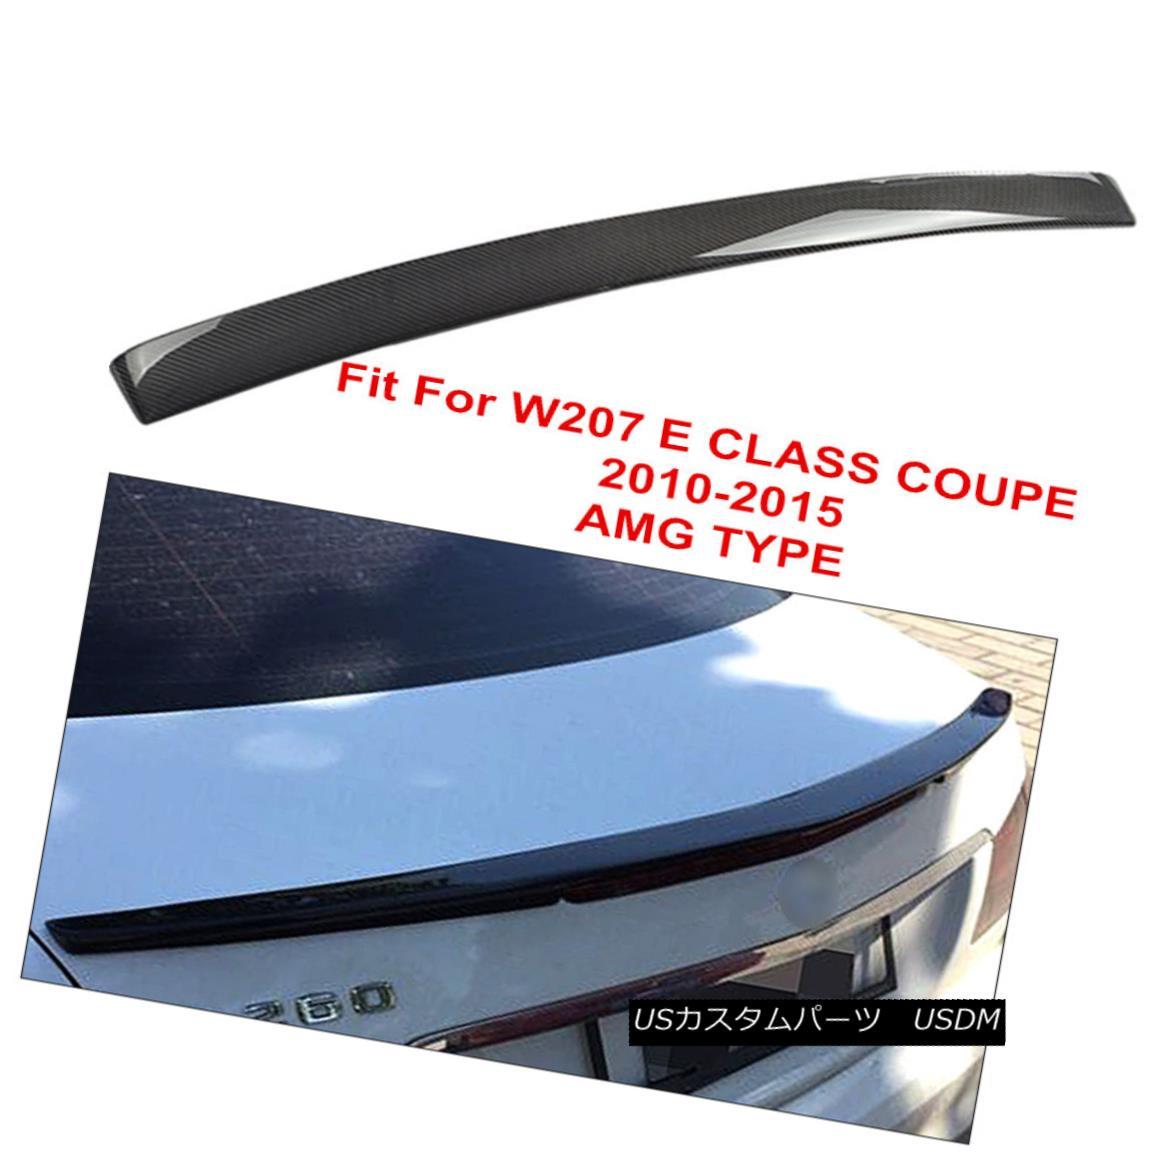 エアロパーツ AMG TYPE CARBON FIBER TRUNK SPOILER Fit For MERCEDES BENZ W207 E CLASS 2010-2015 メルセデスベンツW207 Eクラス2010-2015用AMGタイプカーボンファイバートランクスポッターフィット